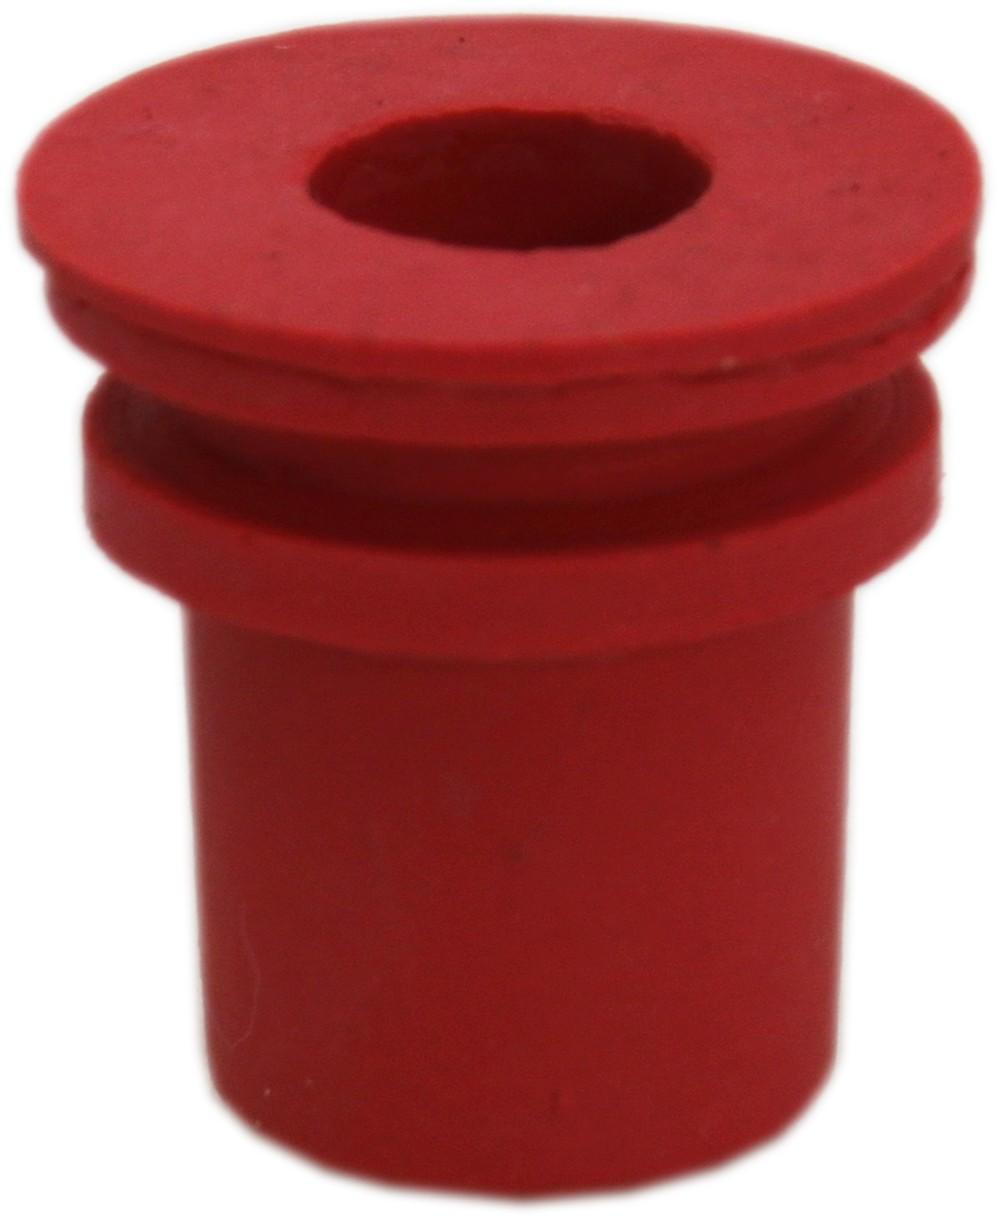 red grommet